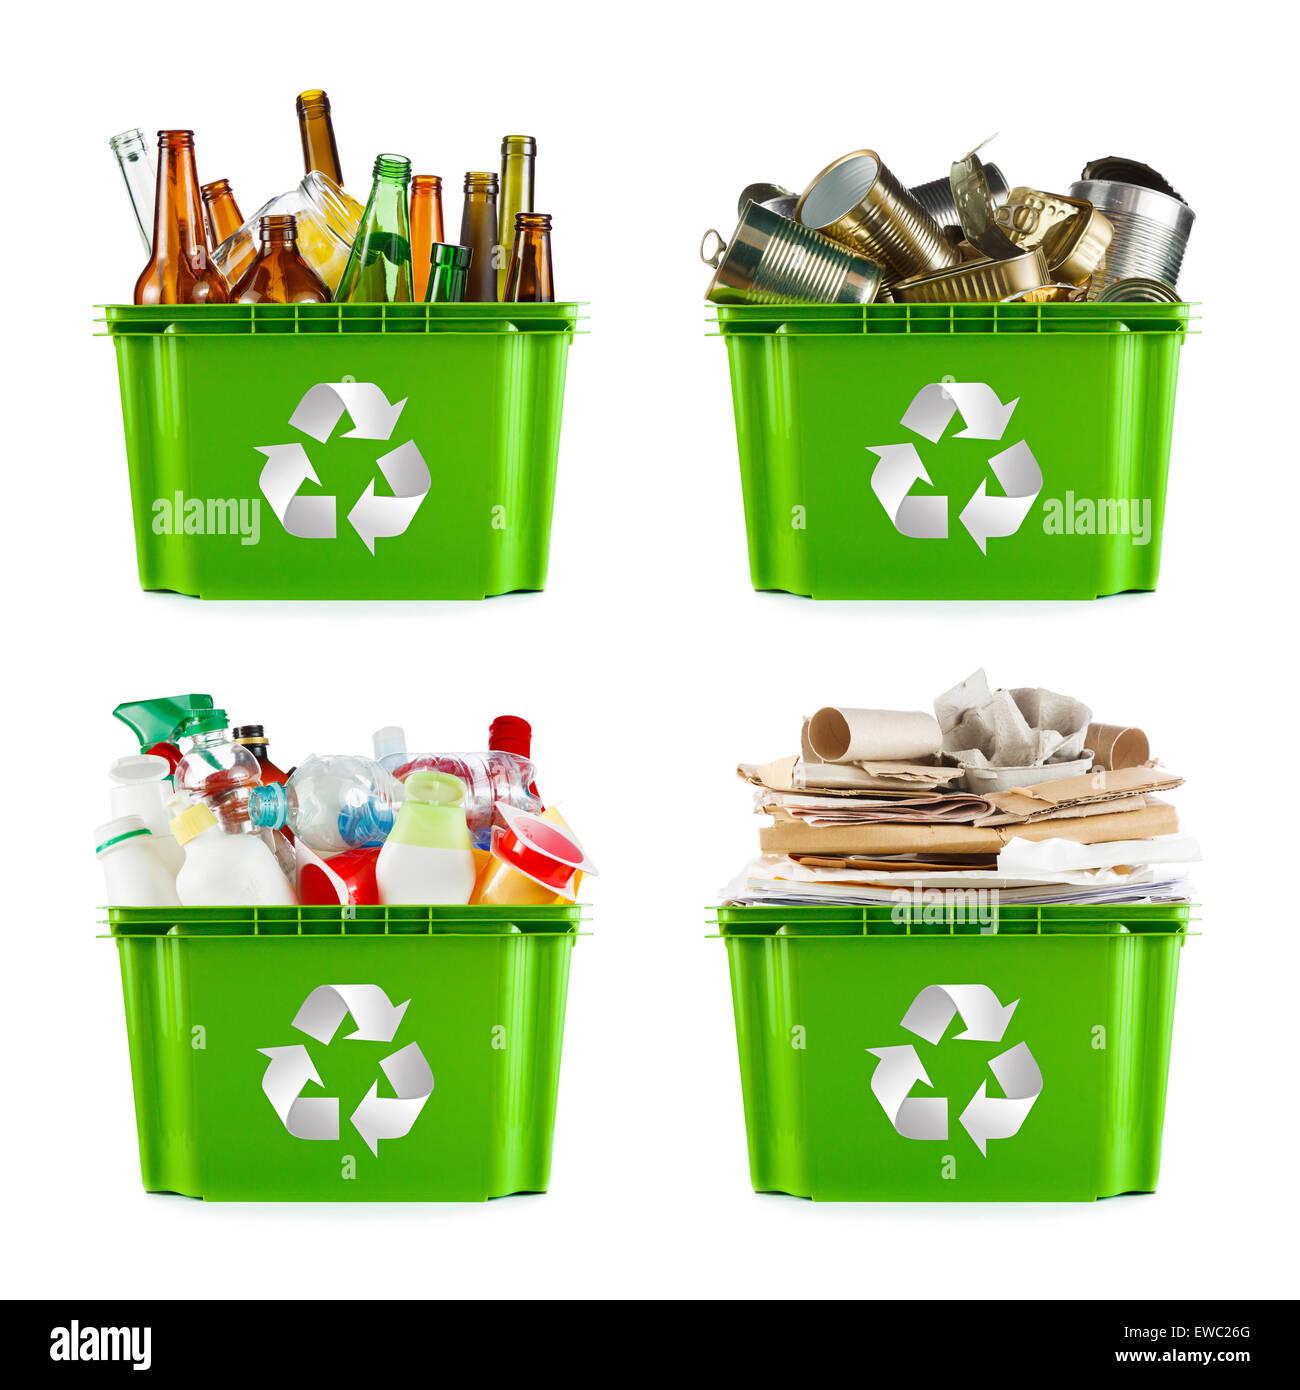 Eine Auswahl von Abfall zur Verwertung. Metall, Kunststoff, Papier und Glas getrennt Stockbild